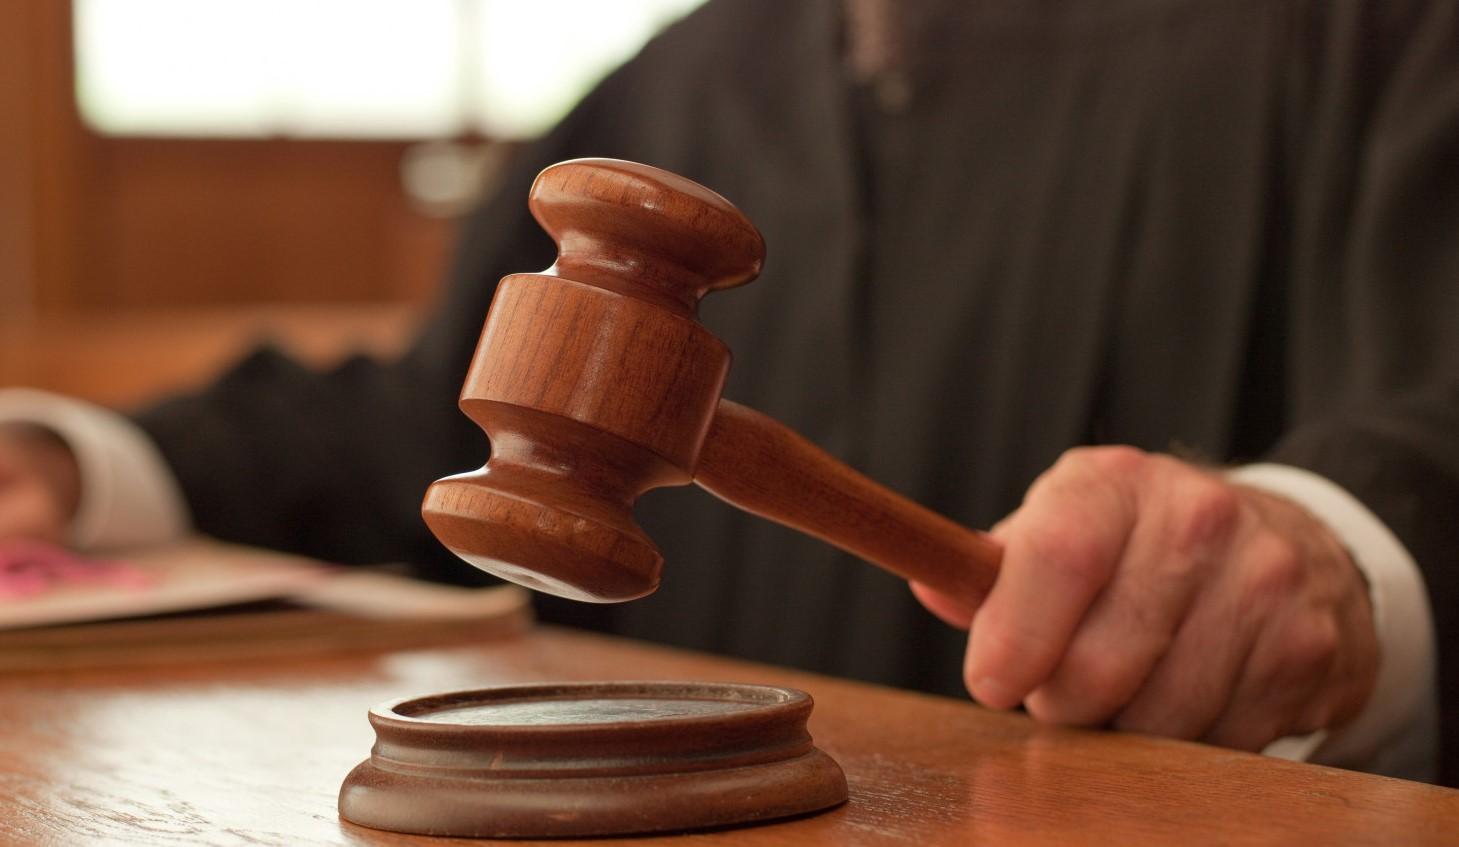 Руководителя госпредприятия будут судить за служебную халатность с убытками почти 10 миллионов гривен